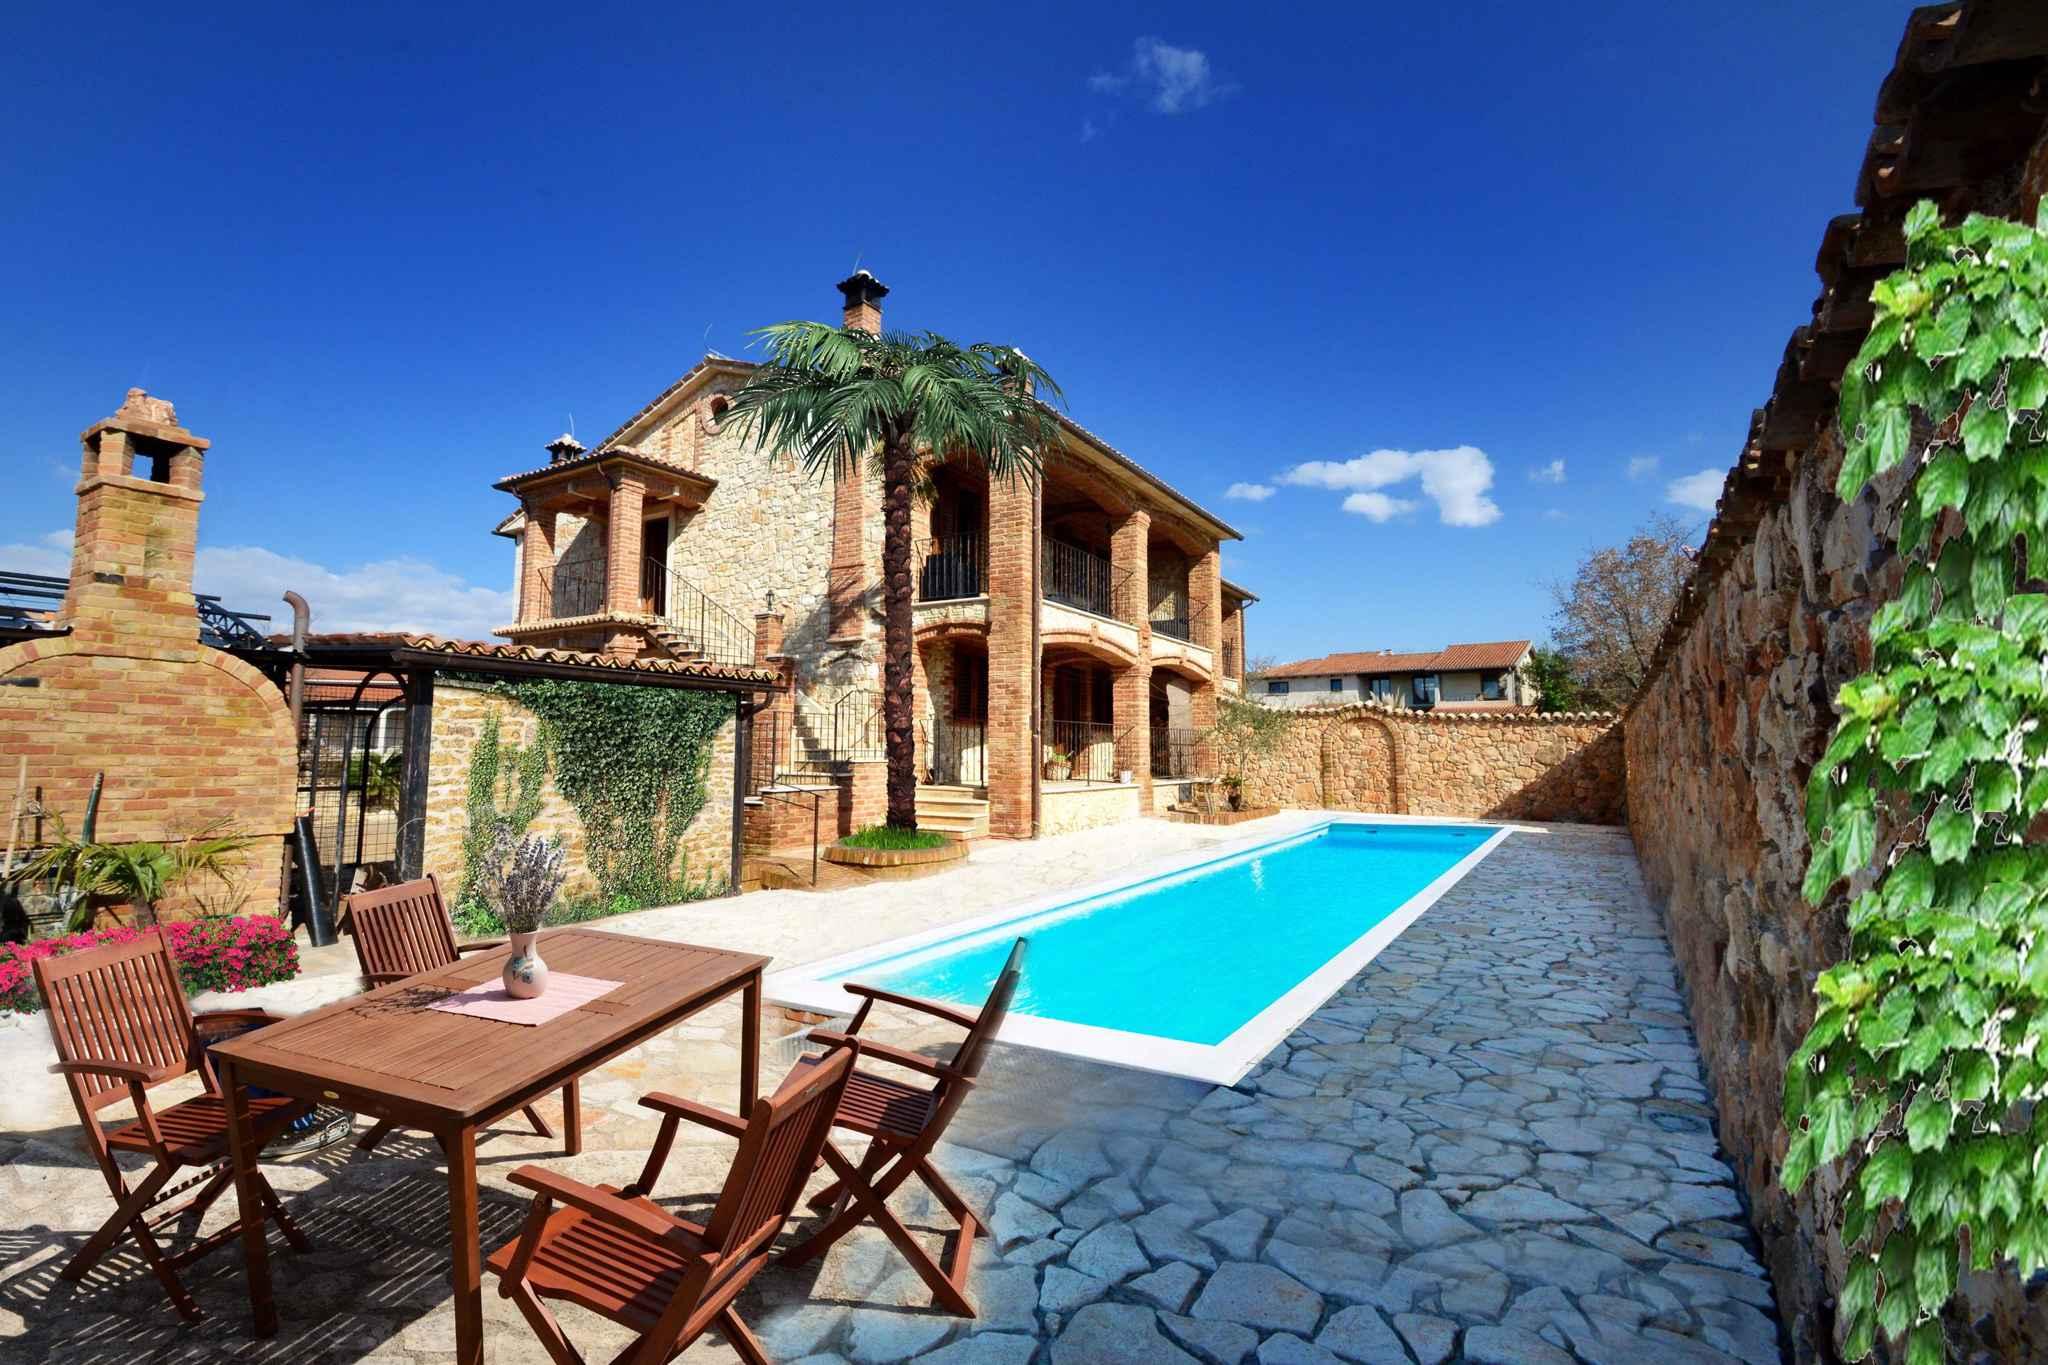 Ferienwohnung mit Pool und im toskanischen Stil  in Kroatien